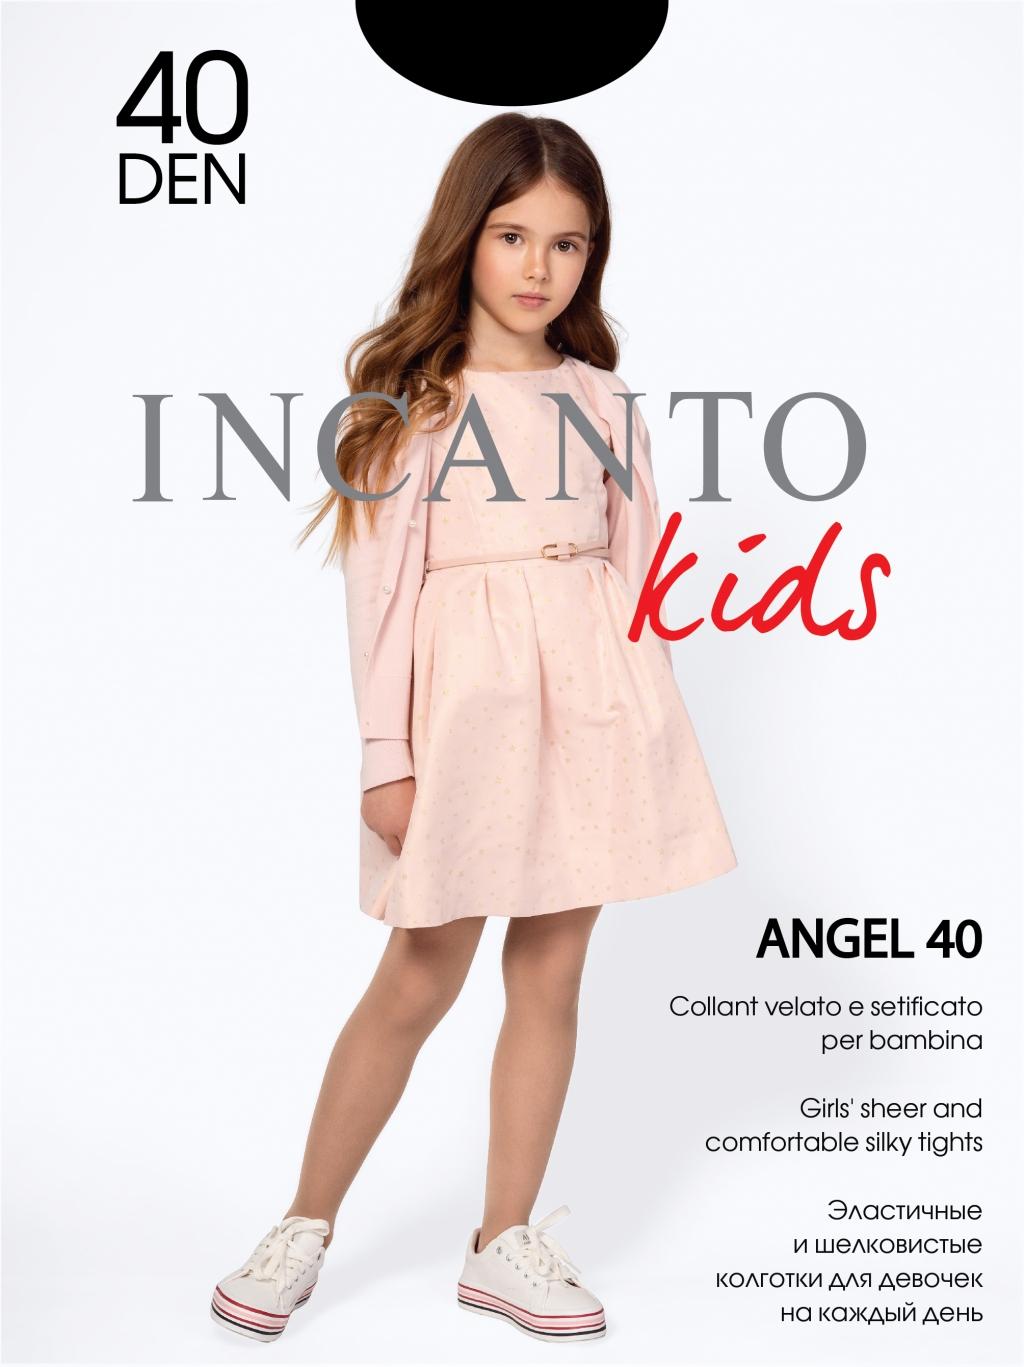 Колготки детские Incanto Kids angel 40 ден